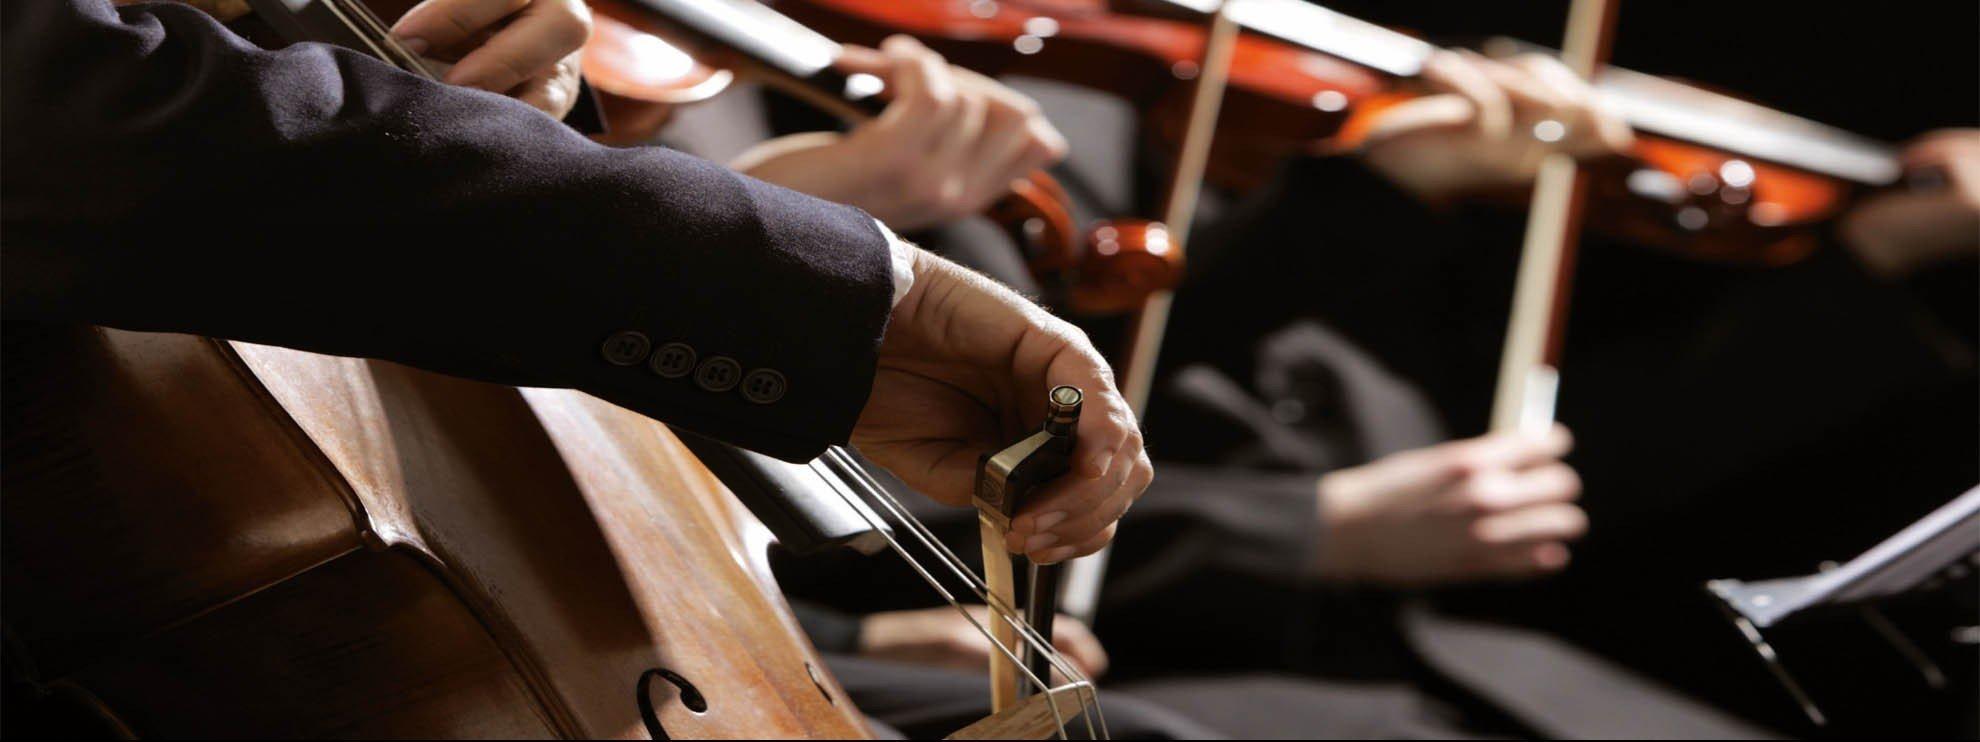 виконавець Большой симфонический оркестр